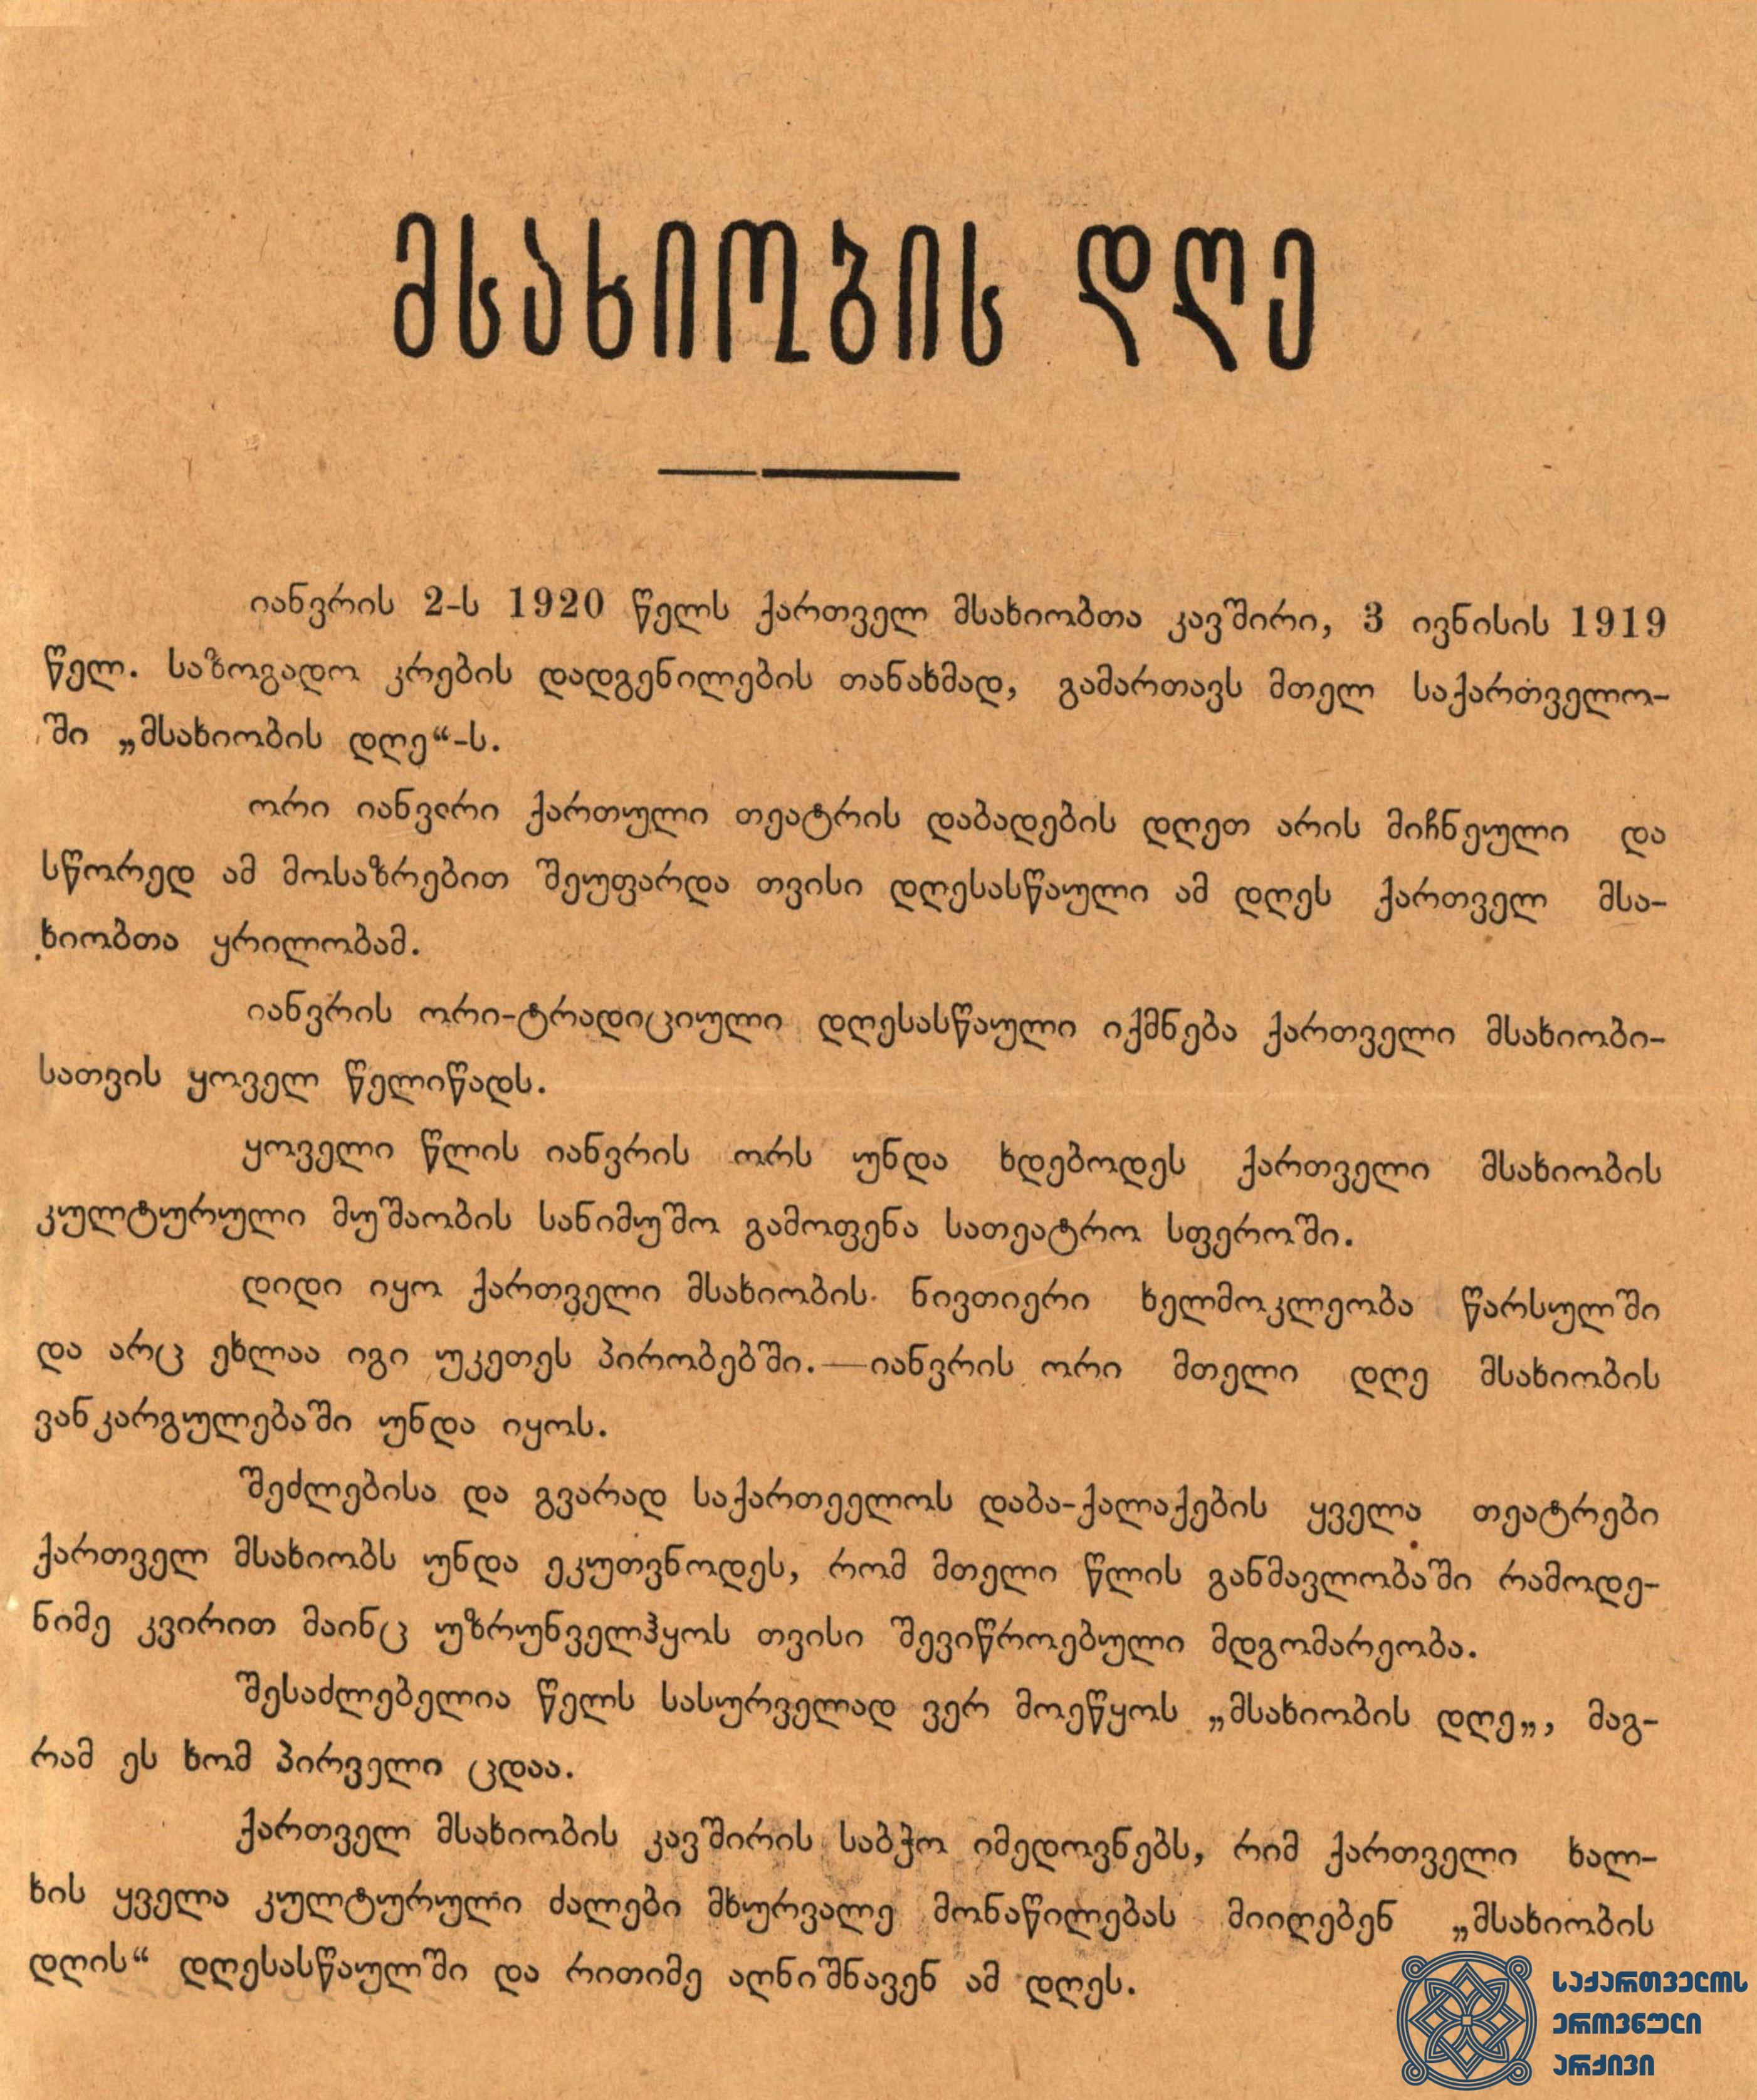 """ცნობა 2 იანვარს (ახალი სტილით 14 იანვარს) """"მსახიობთა დღის"""" დაწესების შესახებ.<br> 1919 წელი.<br> The note about the establishment an """"Artist's Day"""" on January 2 (January 14 in the new style). <br> 1919."""